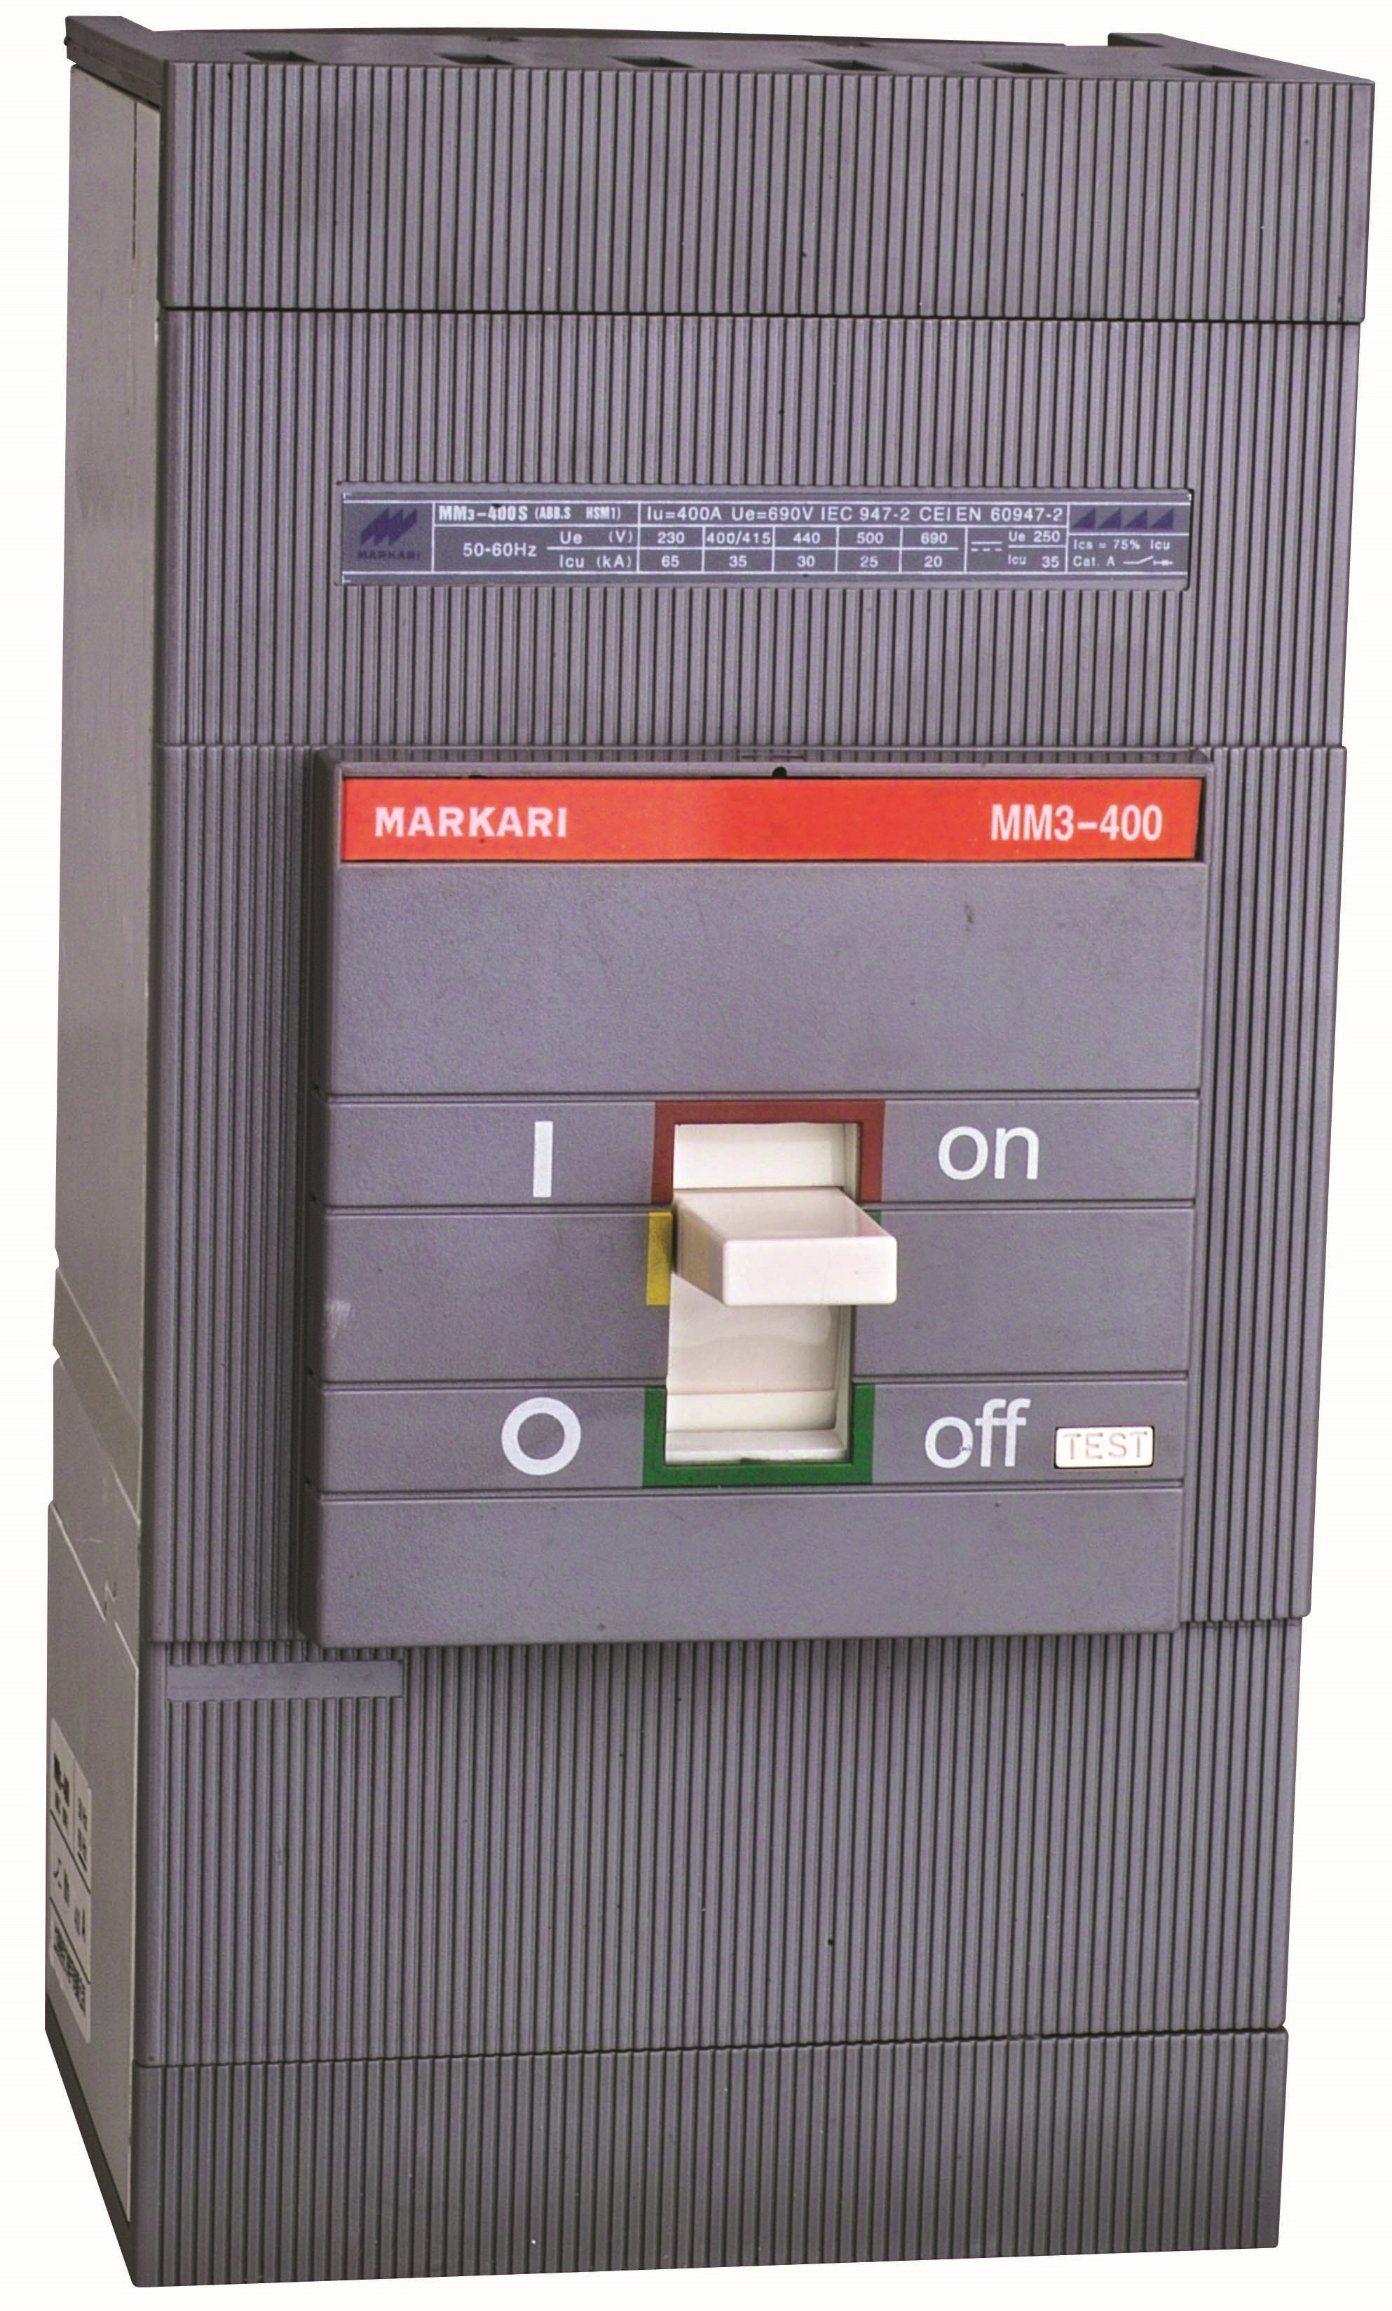 MM3 Mould Case Circuit Breaker